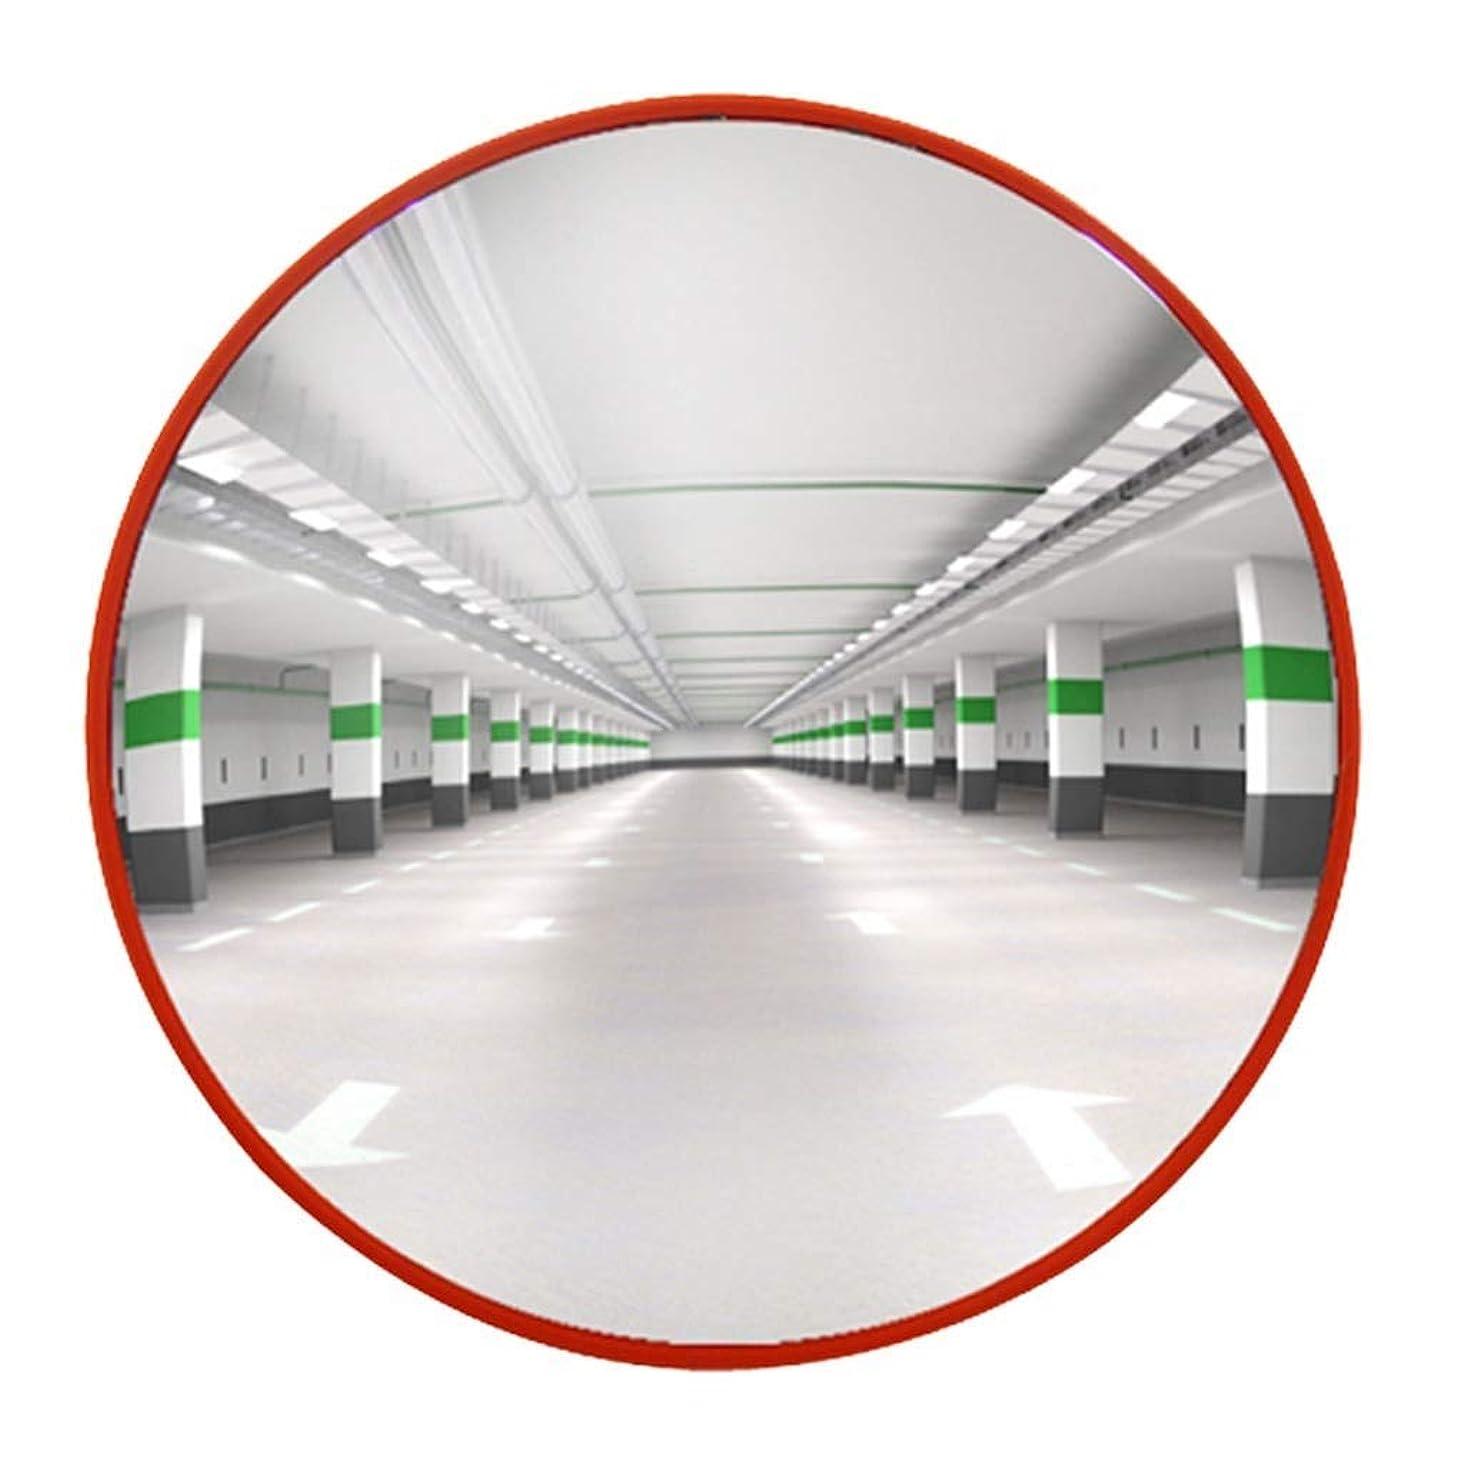 カナダ無許可まどろみのあるGeng カーブミラー セーフティミラースーパーマーケットデッドアングルミラーPcロードコンベックスミラー、オレンジ屋内用丸型観察ミラー、丸型盗難防止用トラフィックミラー